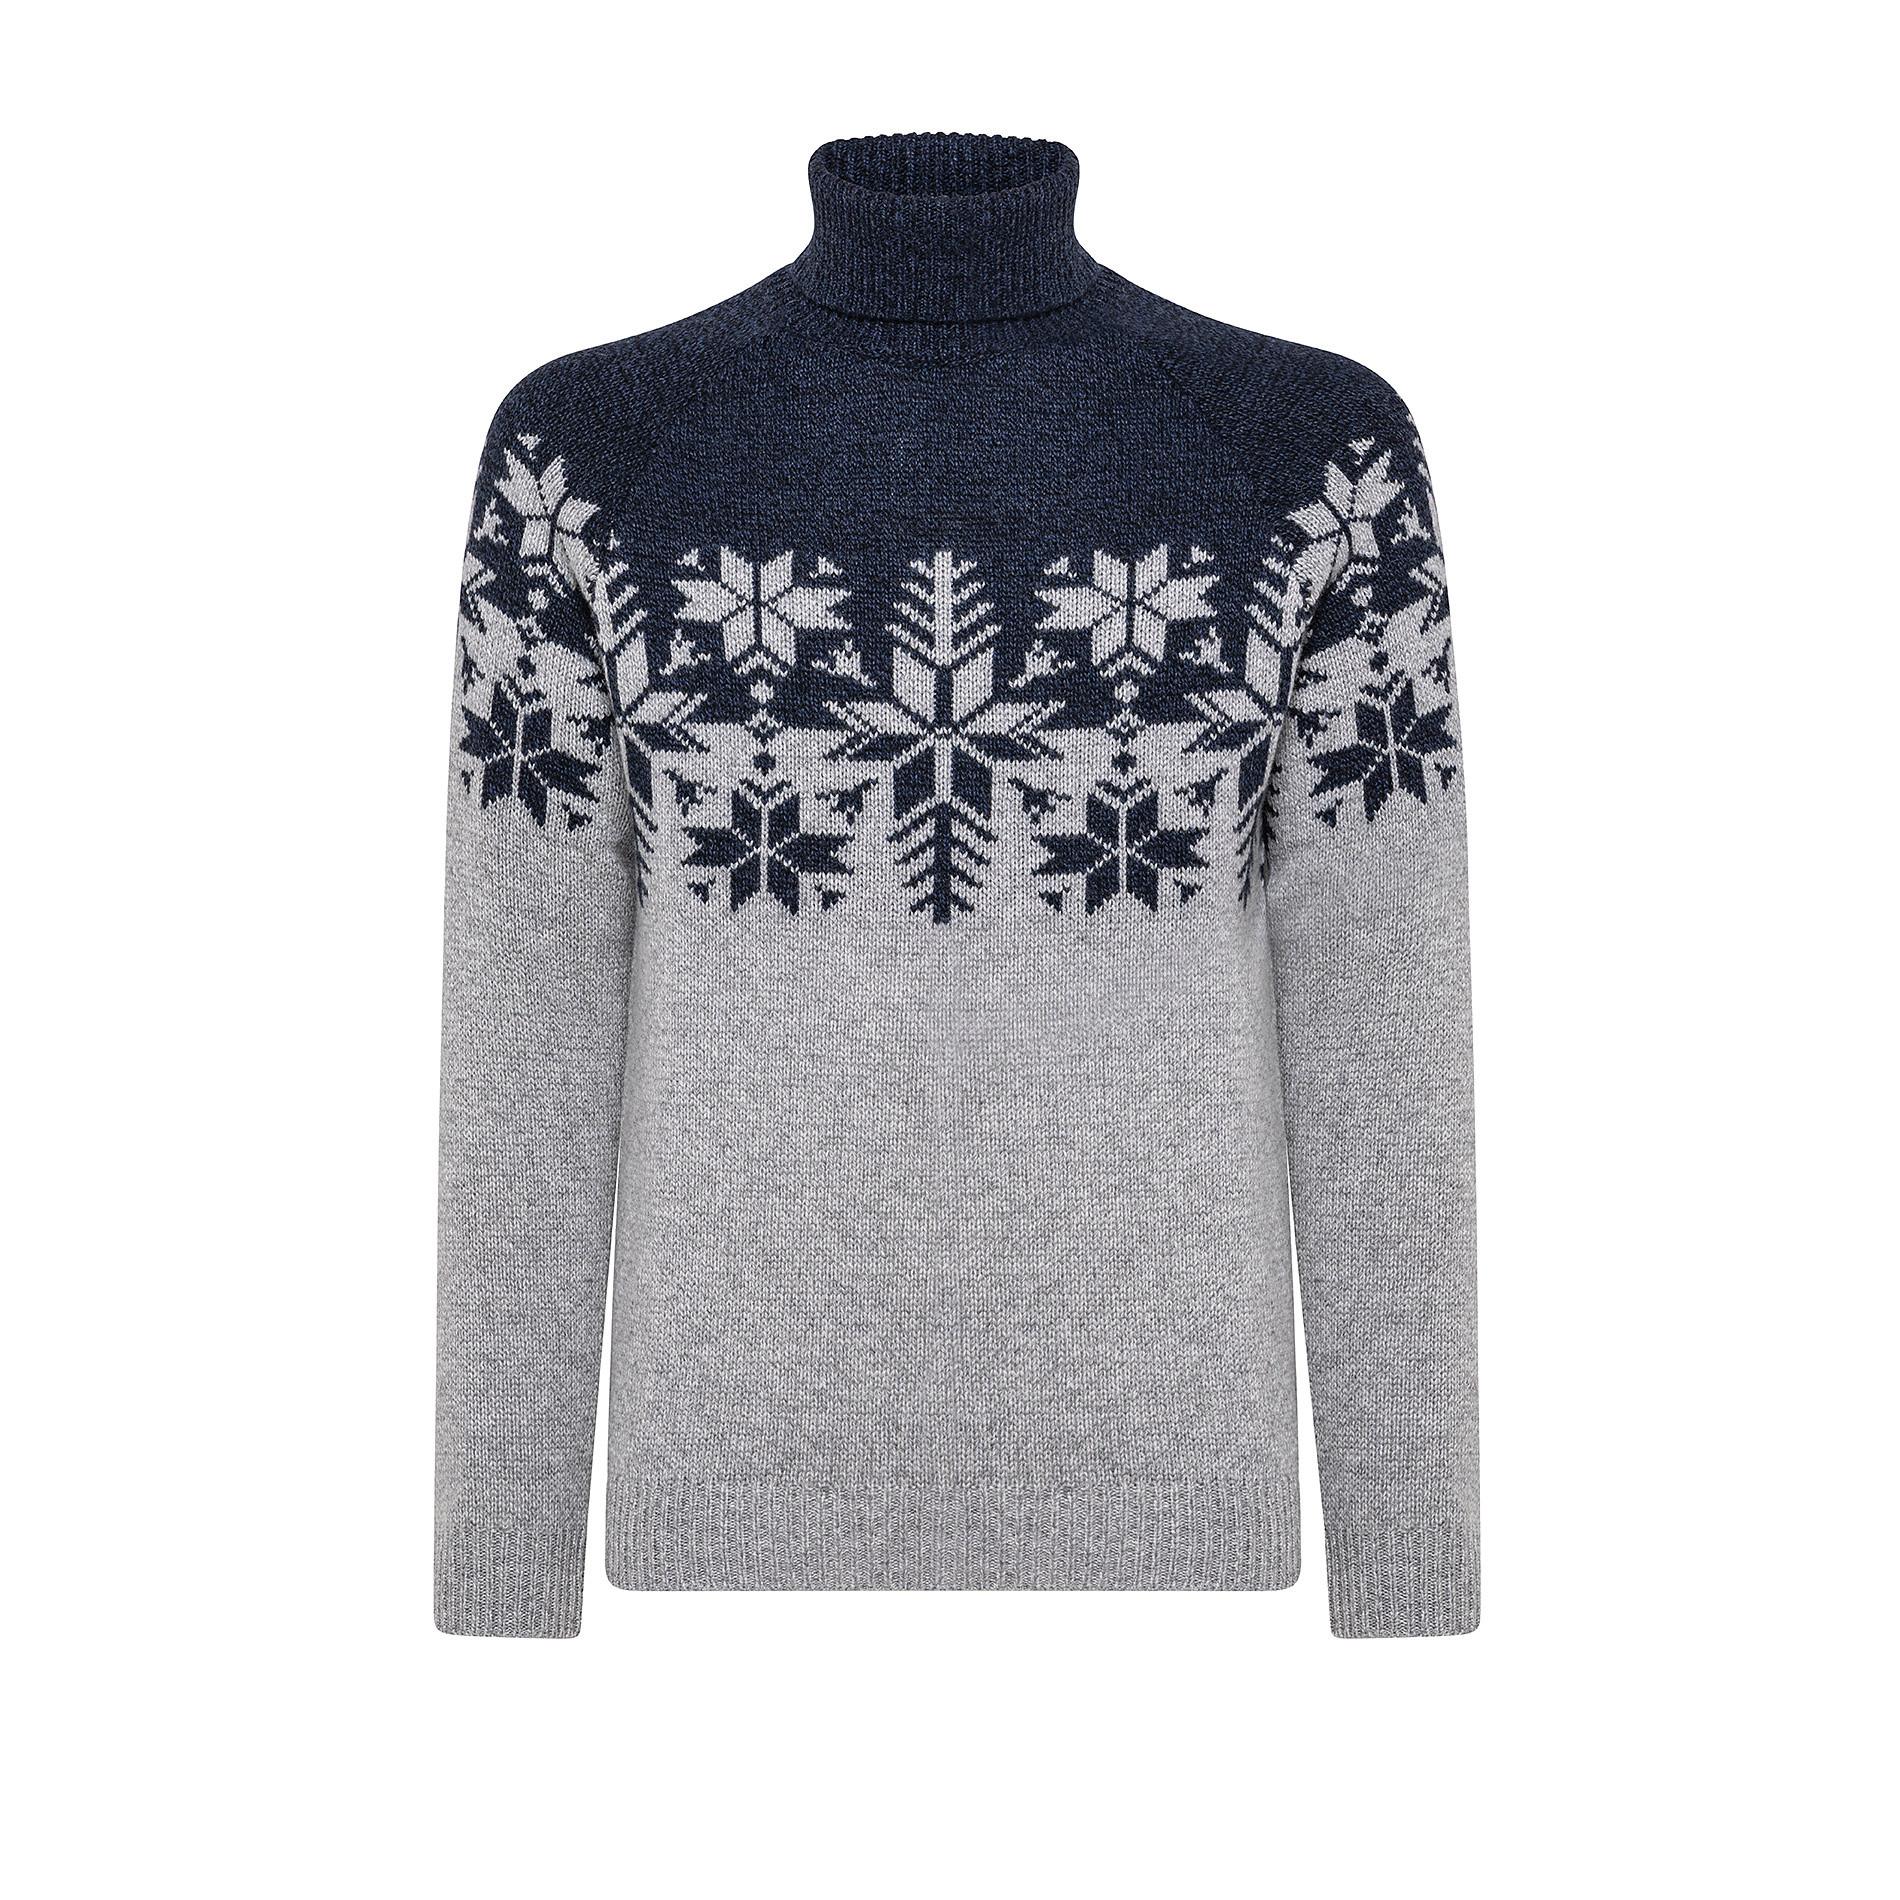 Pullover collo alto motivo natalizio, Blu, large image number 0